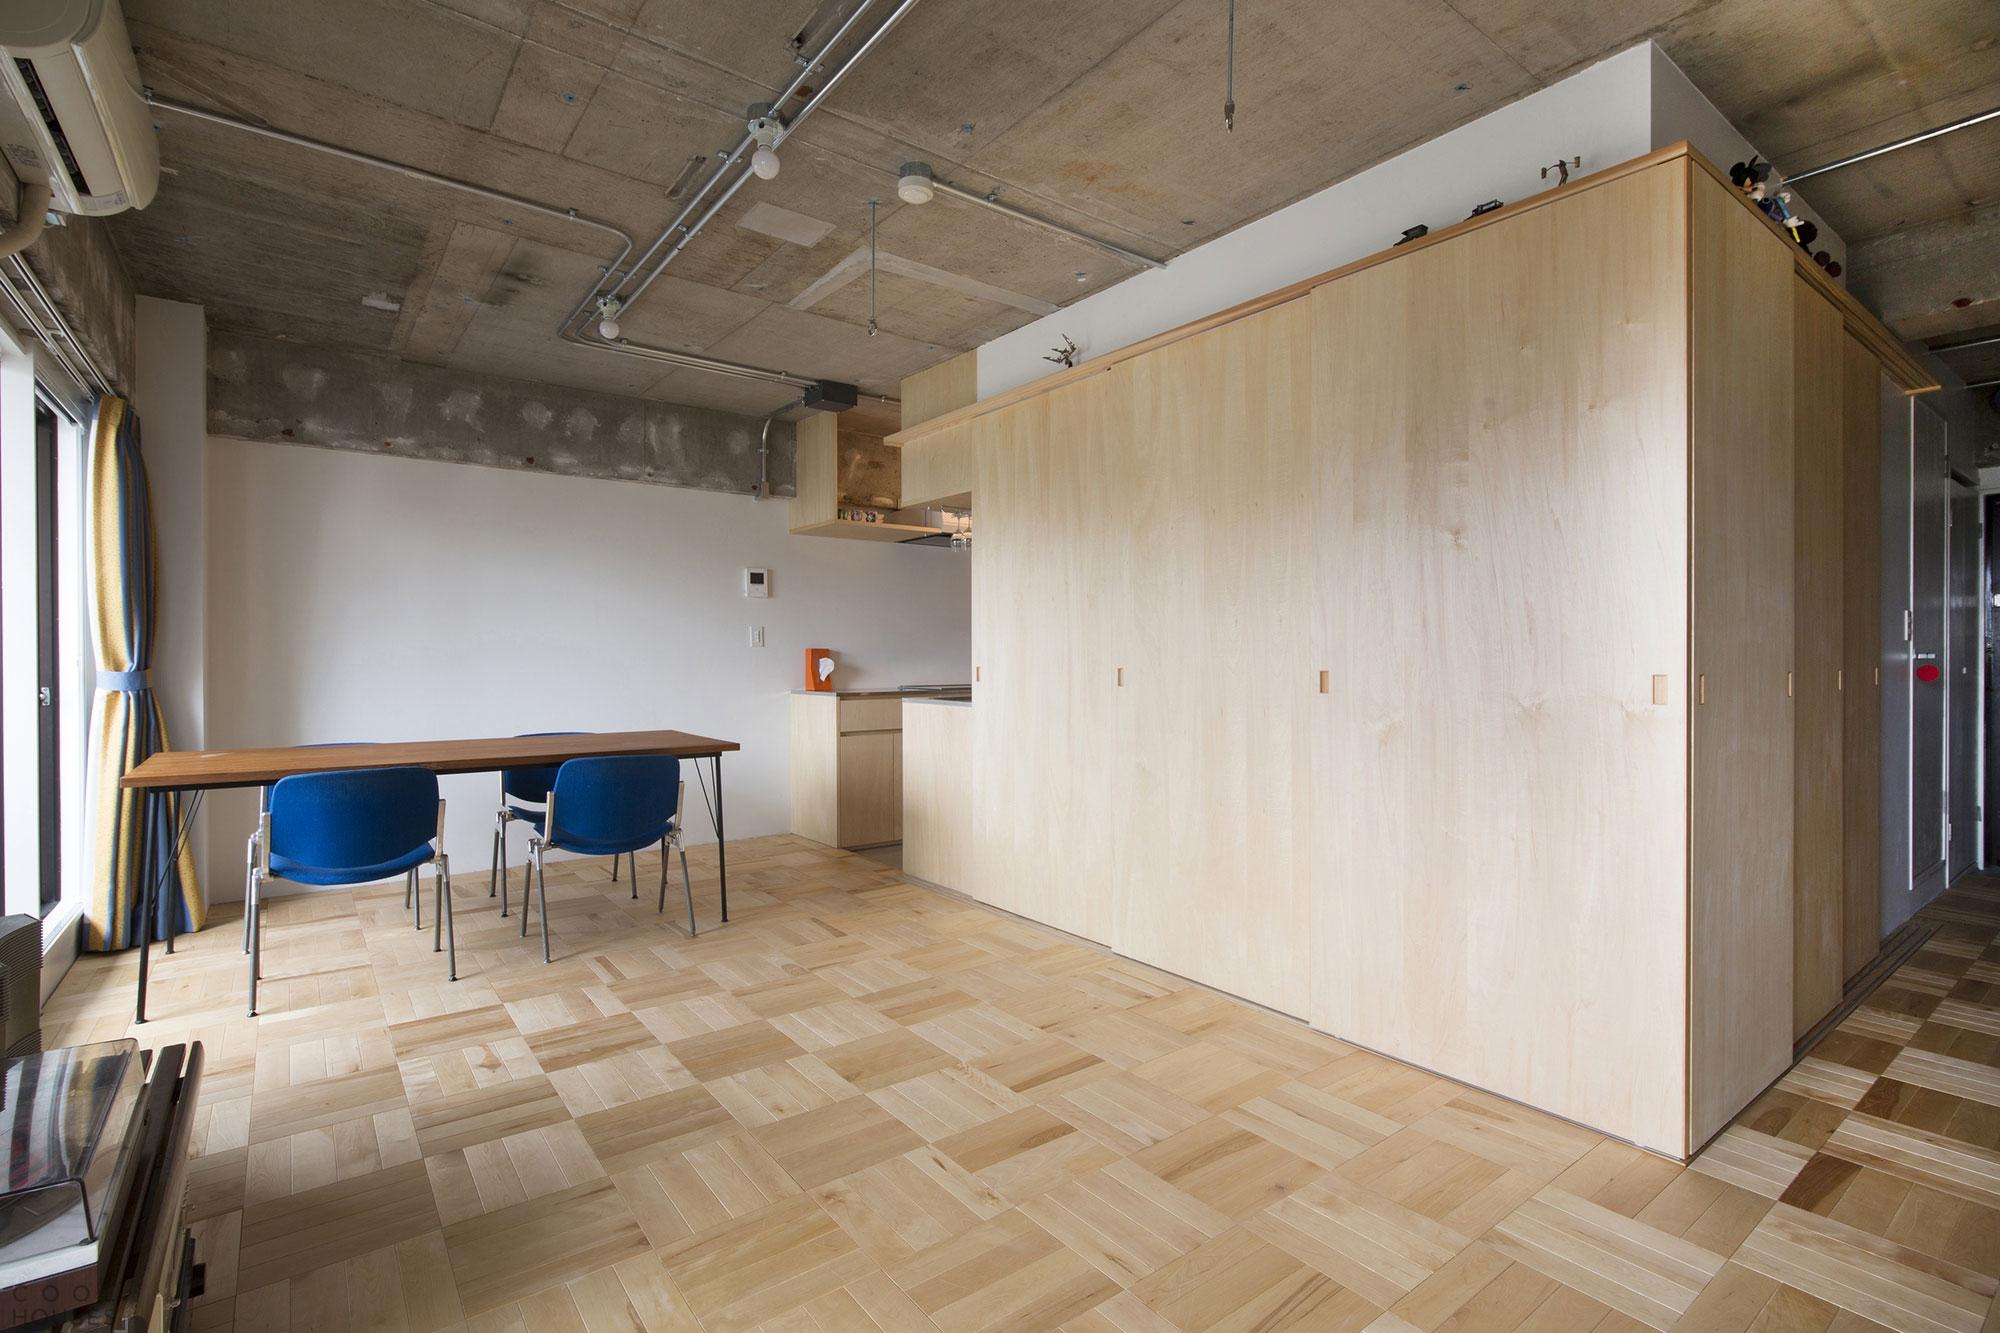 Бетонные стены в интерьере: 10 идей для смелого дизайна